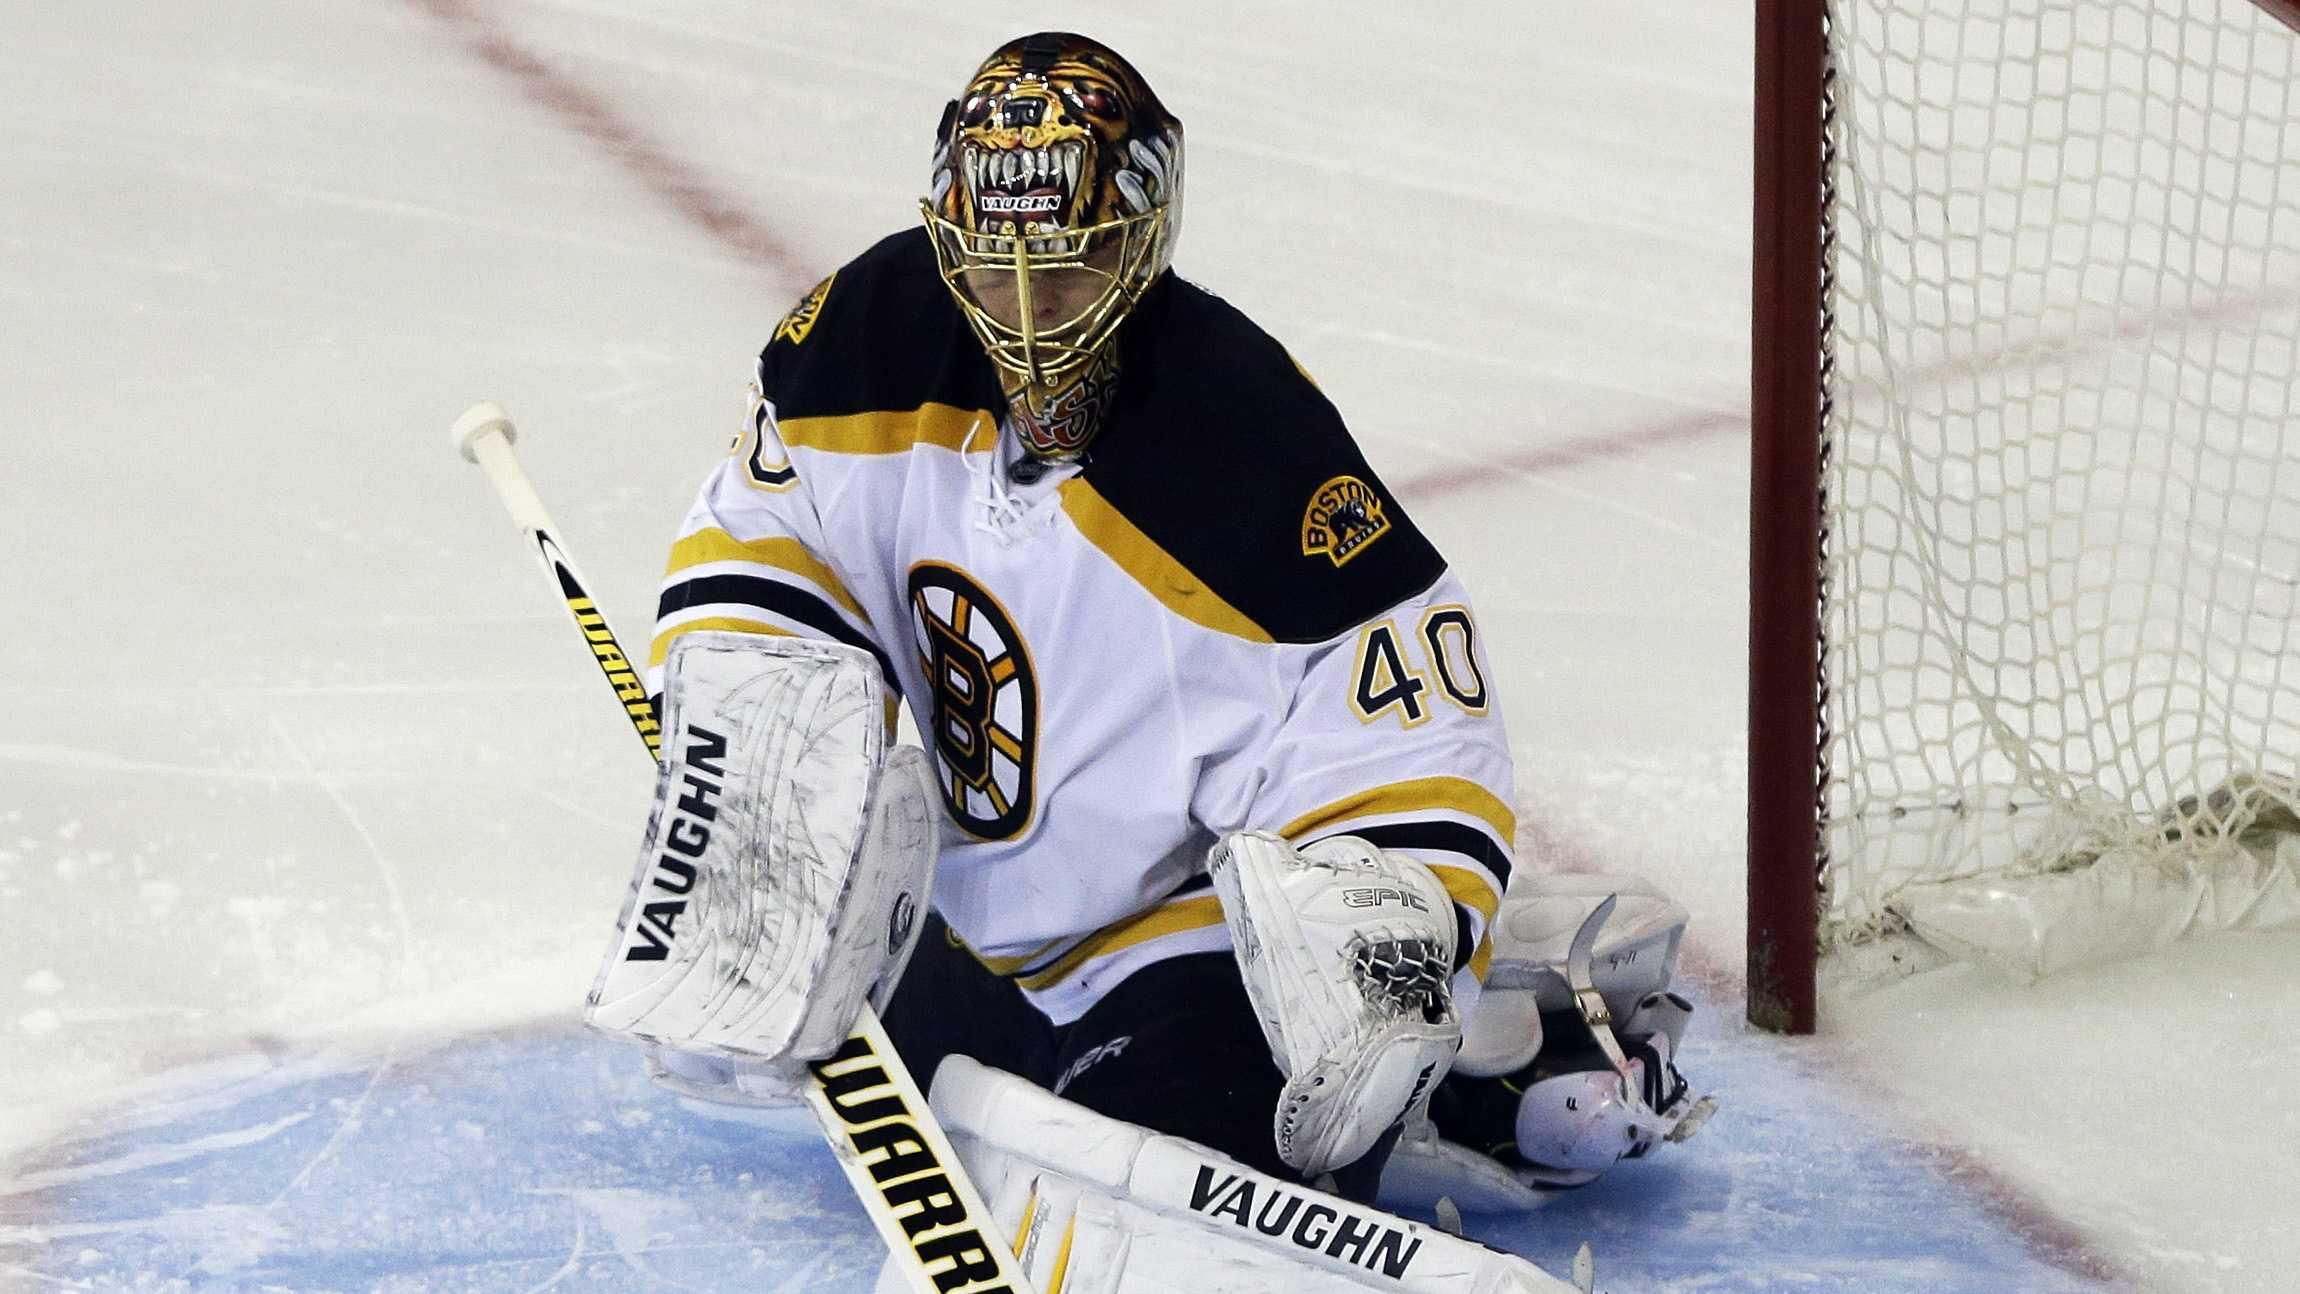 Boston Bruins goalie Tuukka Rask stops a shot on the goal against the New York Rangers